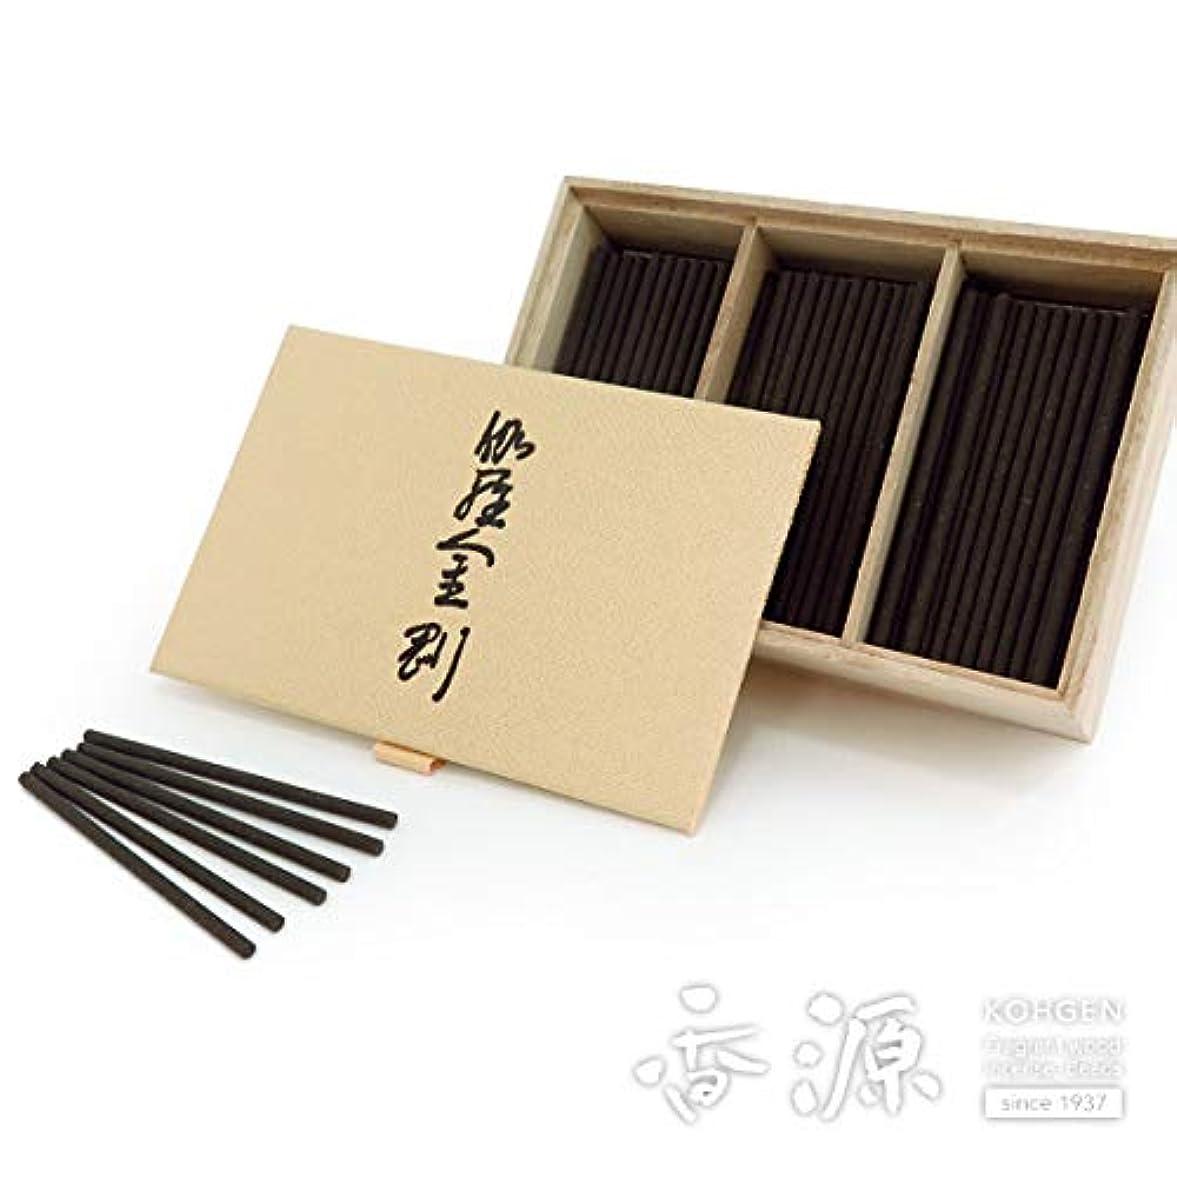 対話さびた見積り日本香堂のお香 伽羅金剛 スティックミニ寸お徳用 150本入り